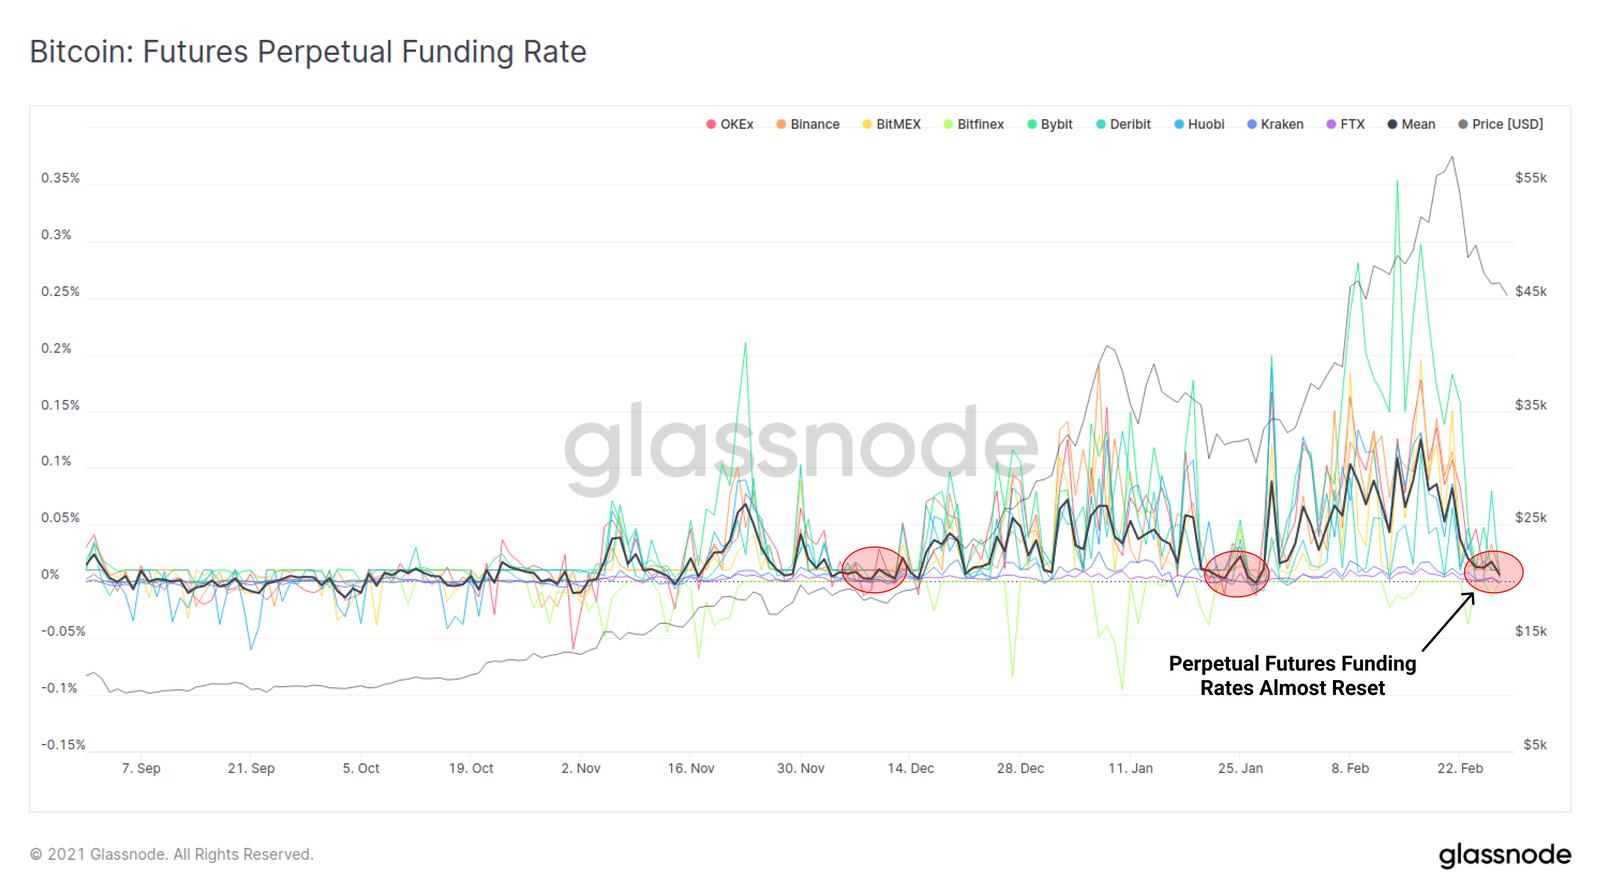 5 funding rate perpetual